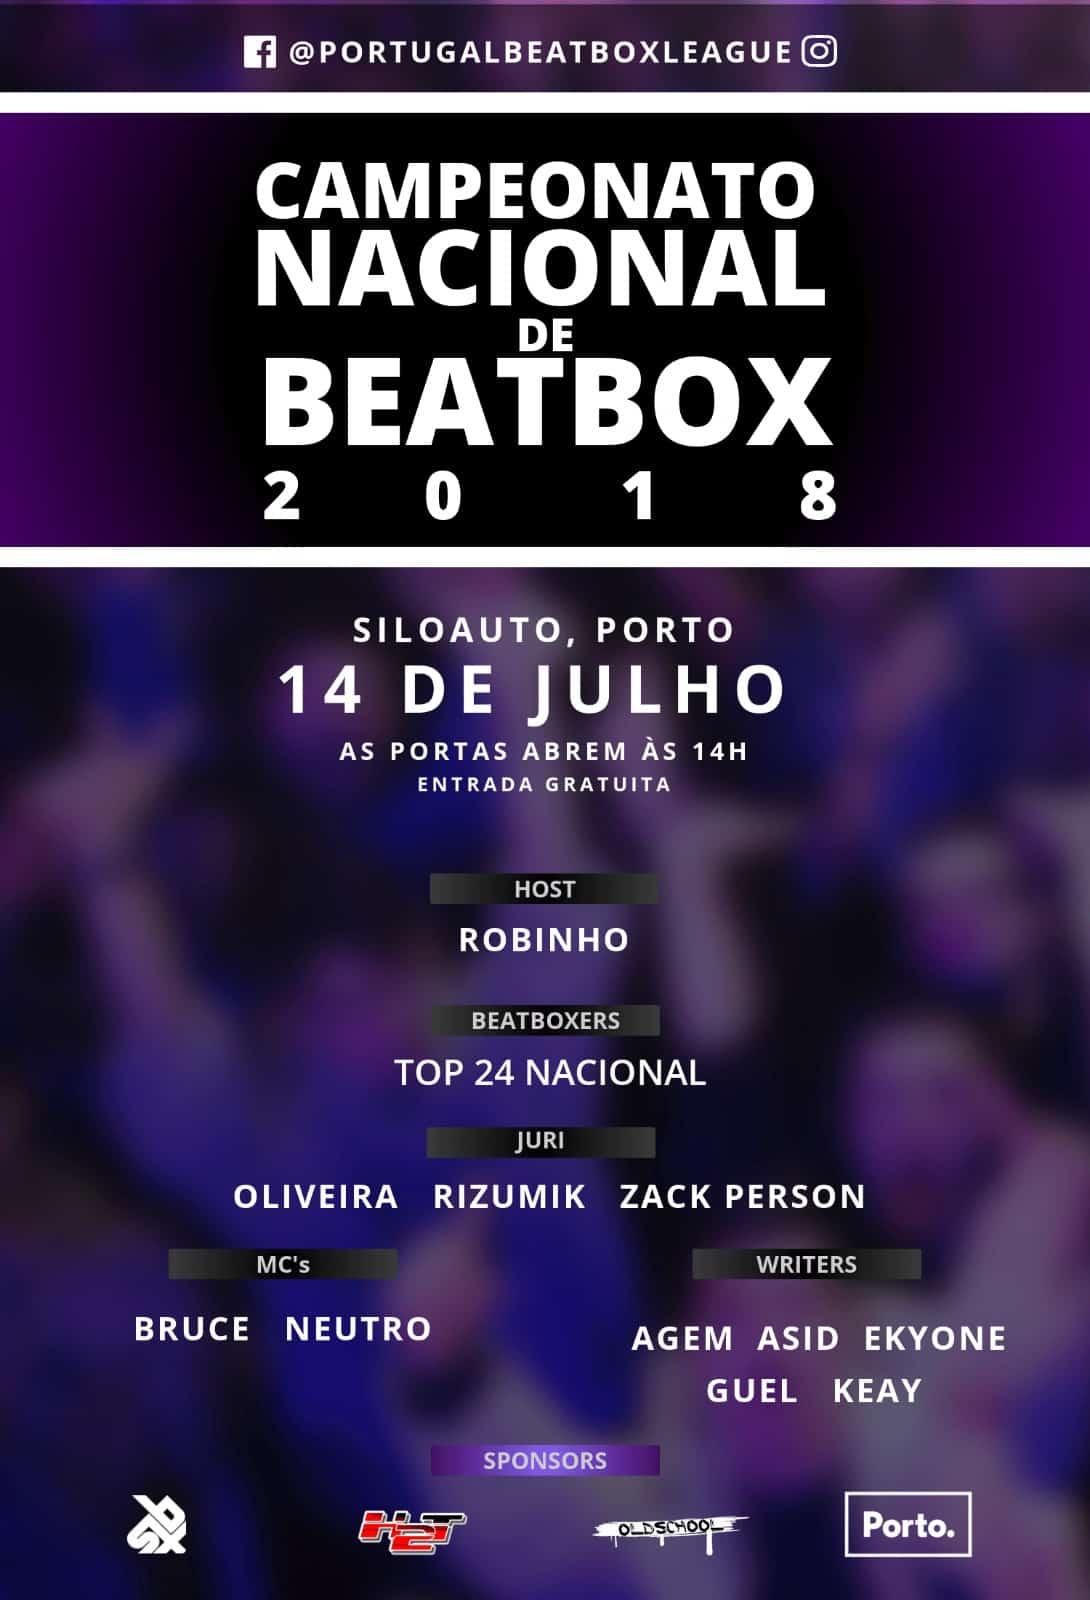 OCampeonato Nacional de Beatboxvai disputar-se este ano no Porto